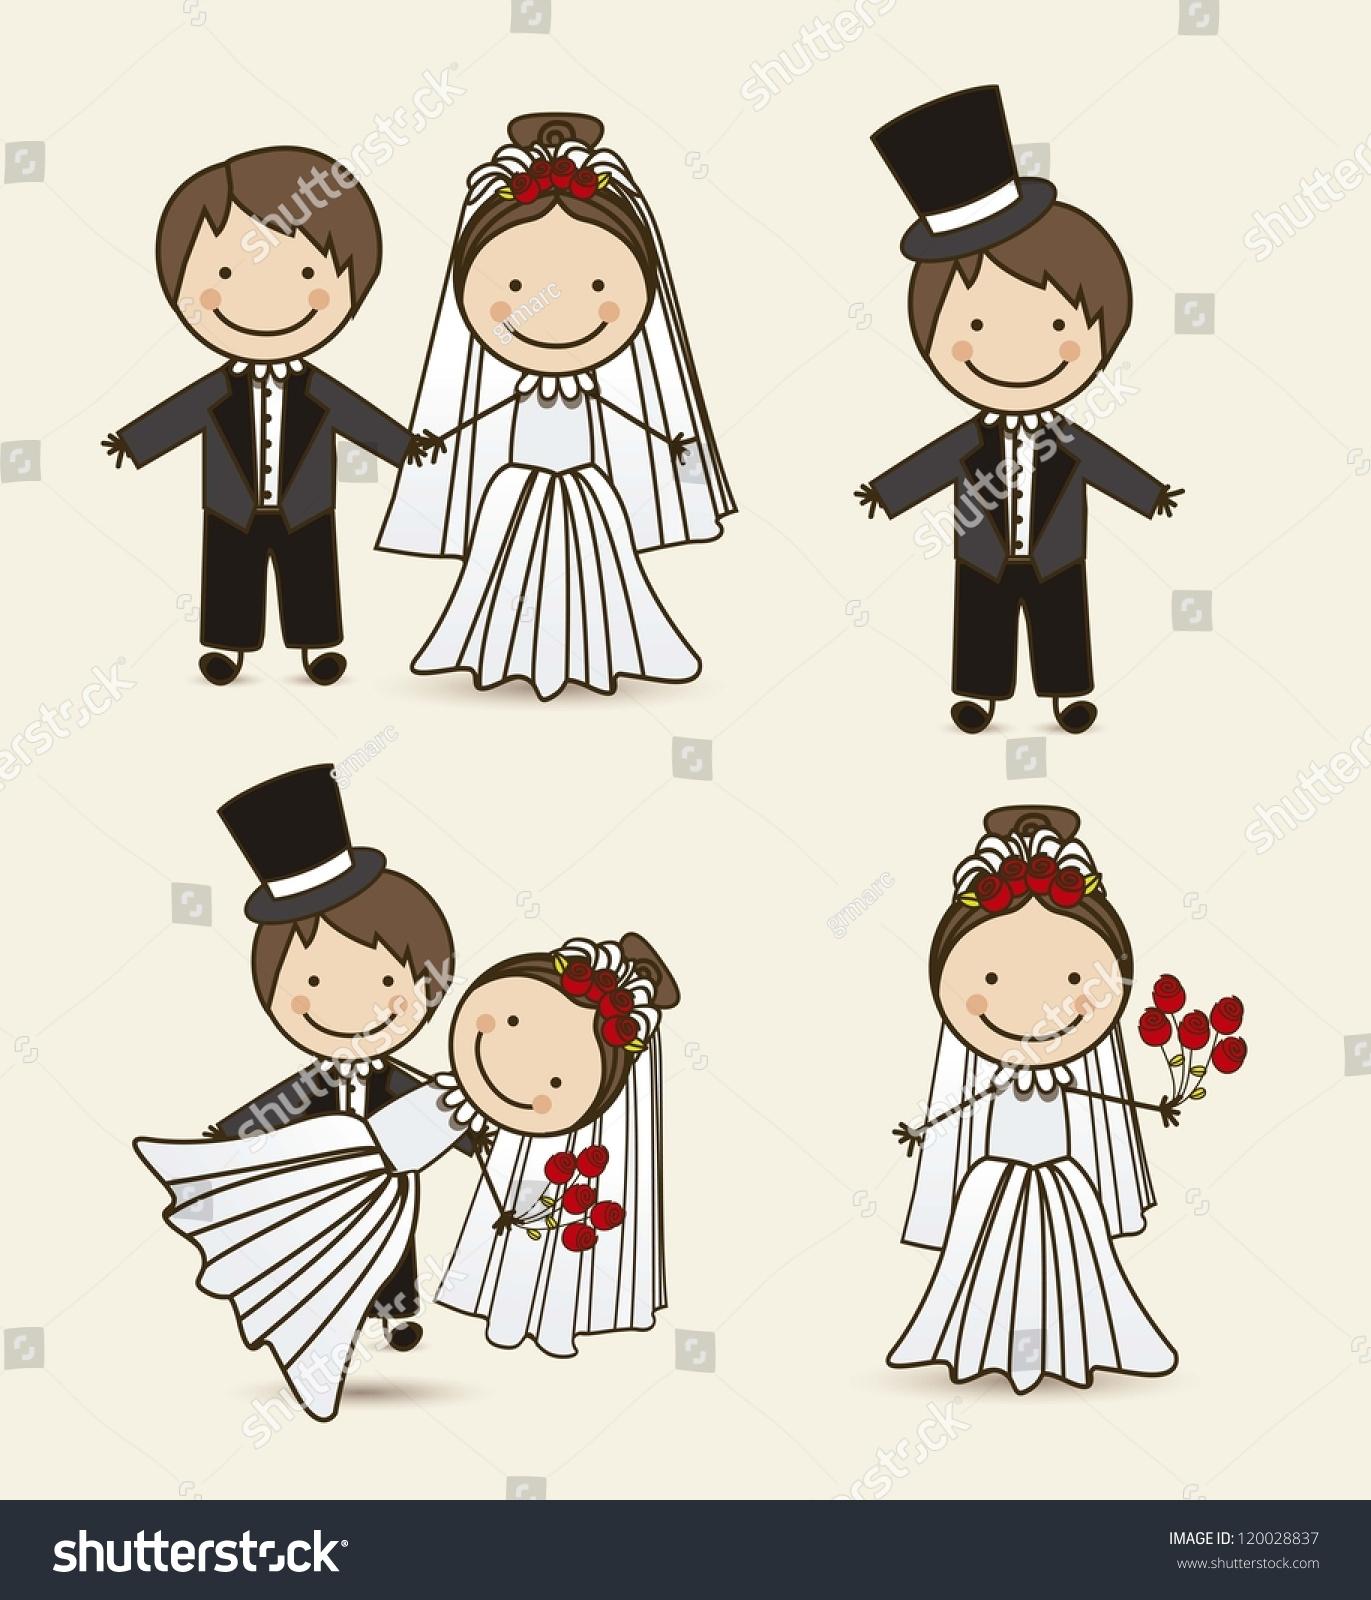 Illustration wedding couple wedding dress vector stock Wedding dress illustration